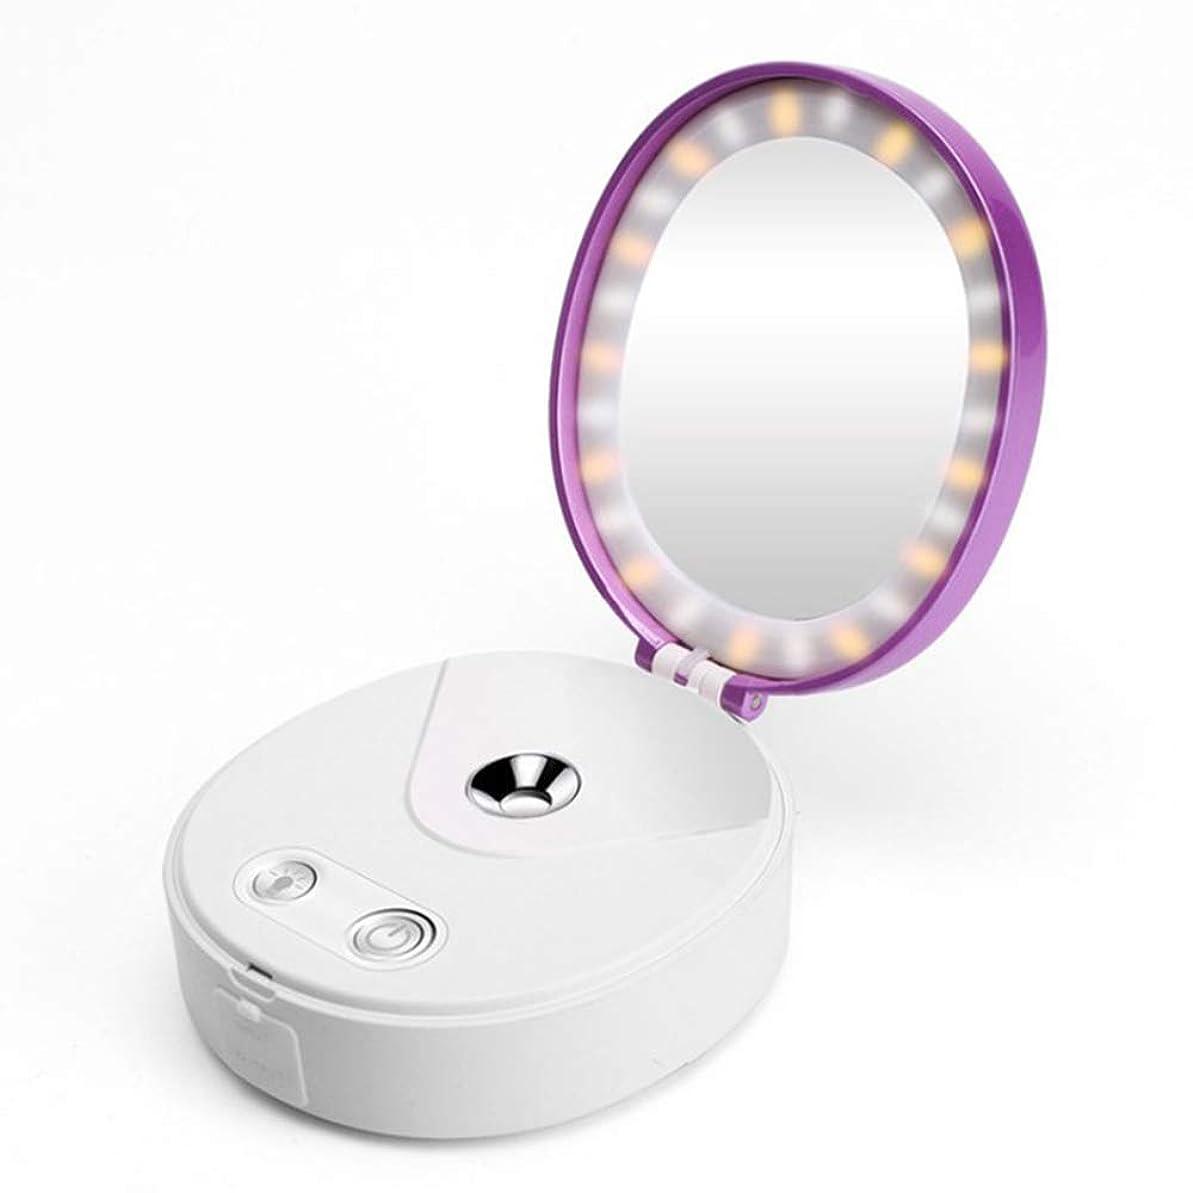 病気オーディション倍率化粧鏡ライト力銀行が付いている1つの小型ナノ霧の冷たいスプレーヤーの顔の加湿器に付き4つ